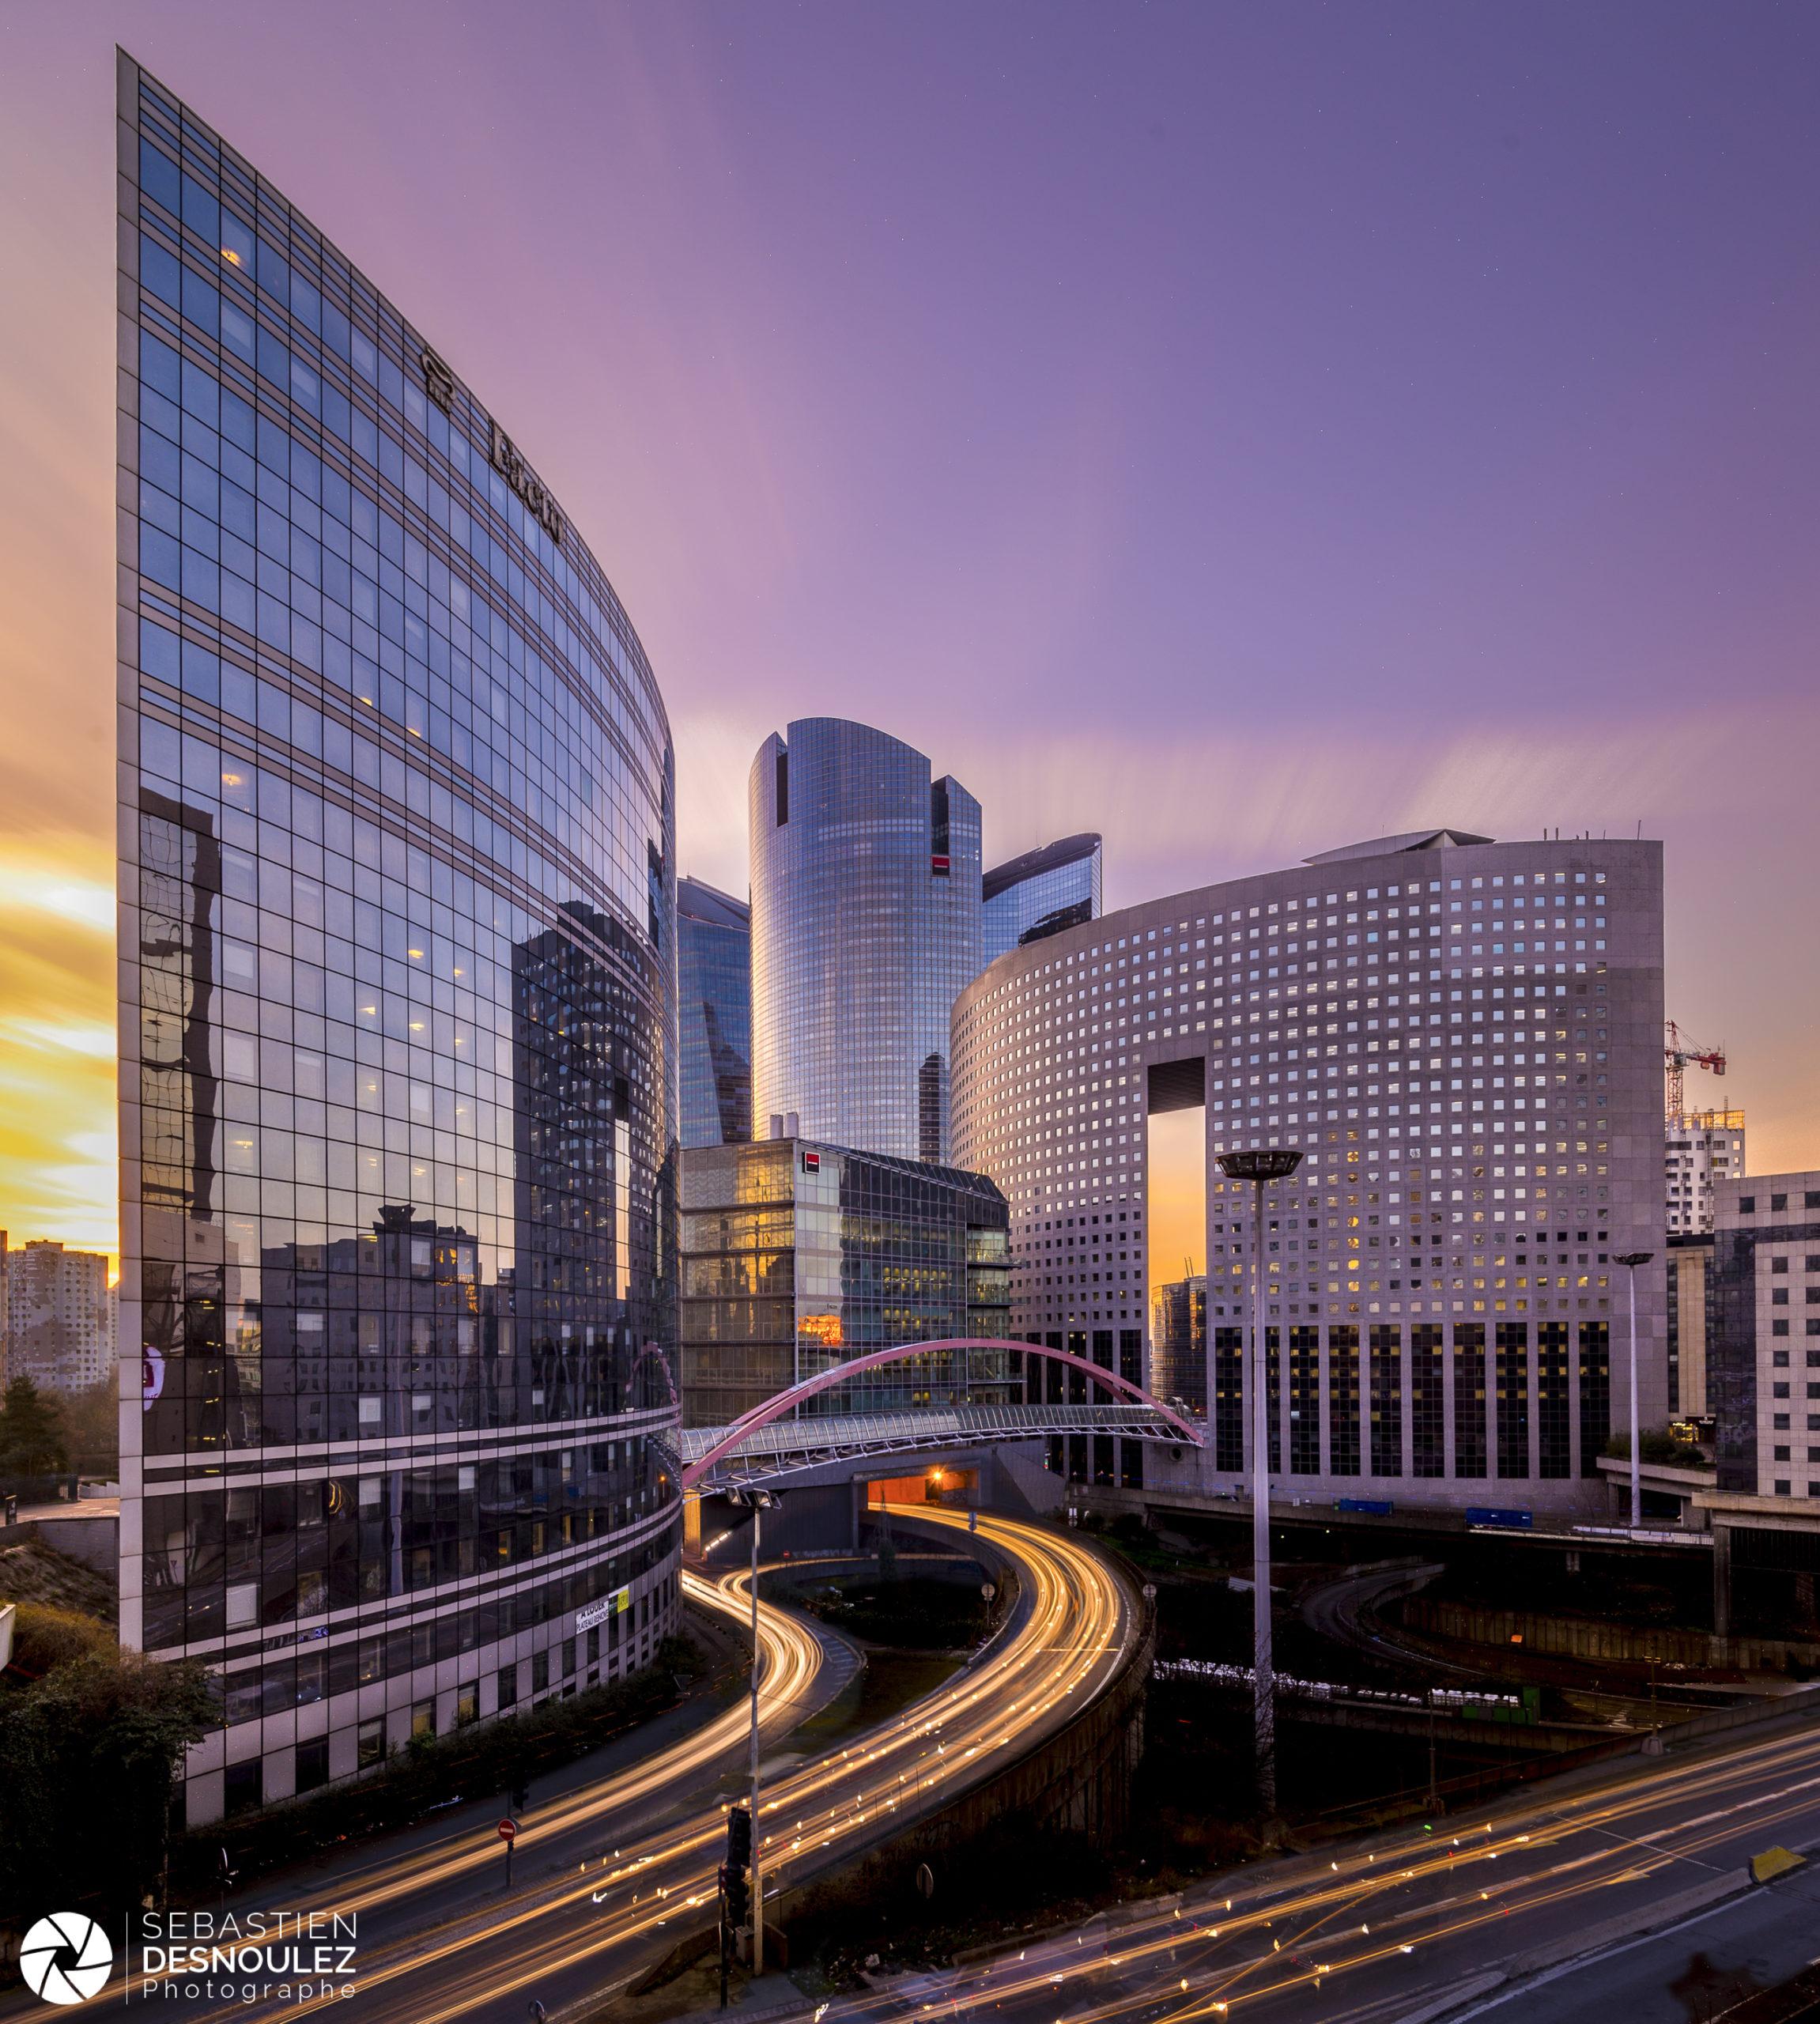 Japan Bridge, tours Kupka, Société Générale et Pacific au coucher du soleil, La Défense